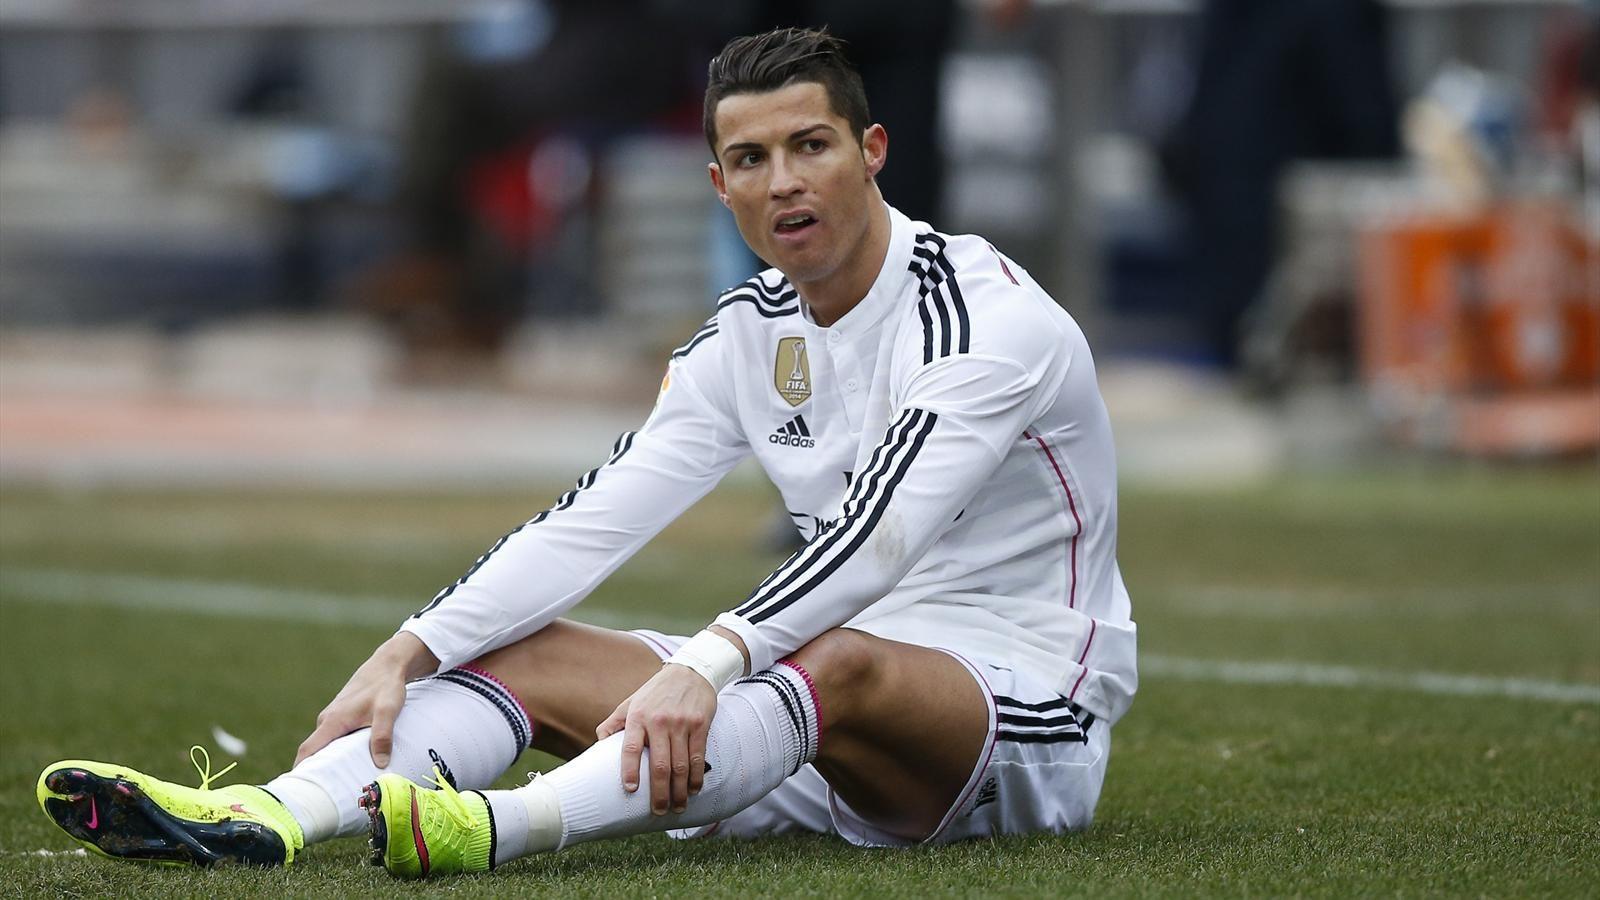 Dalla Spagna: lievita il prezzo per Ronaldo, la Juventus pagherà 120 milioni al Real e 30 a Mendes